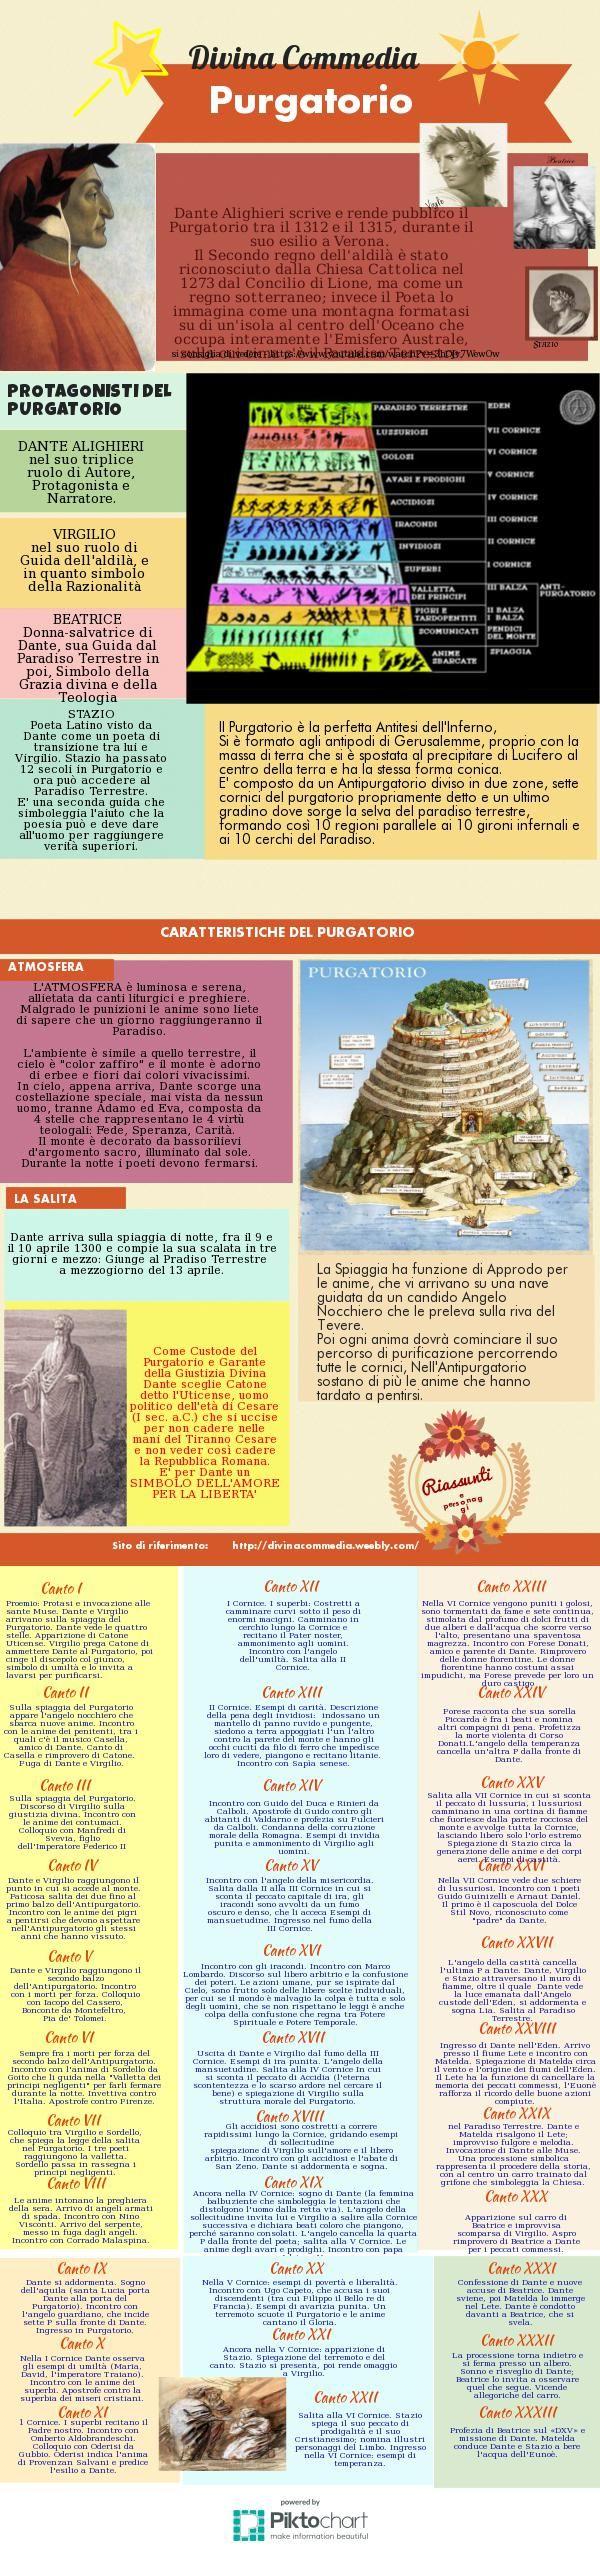 Dante Alighieri. Purgatorio | @Piktochart Infographic